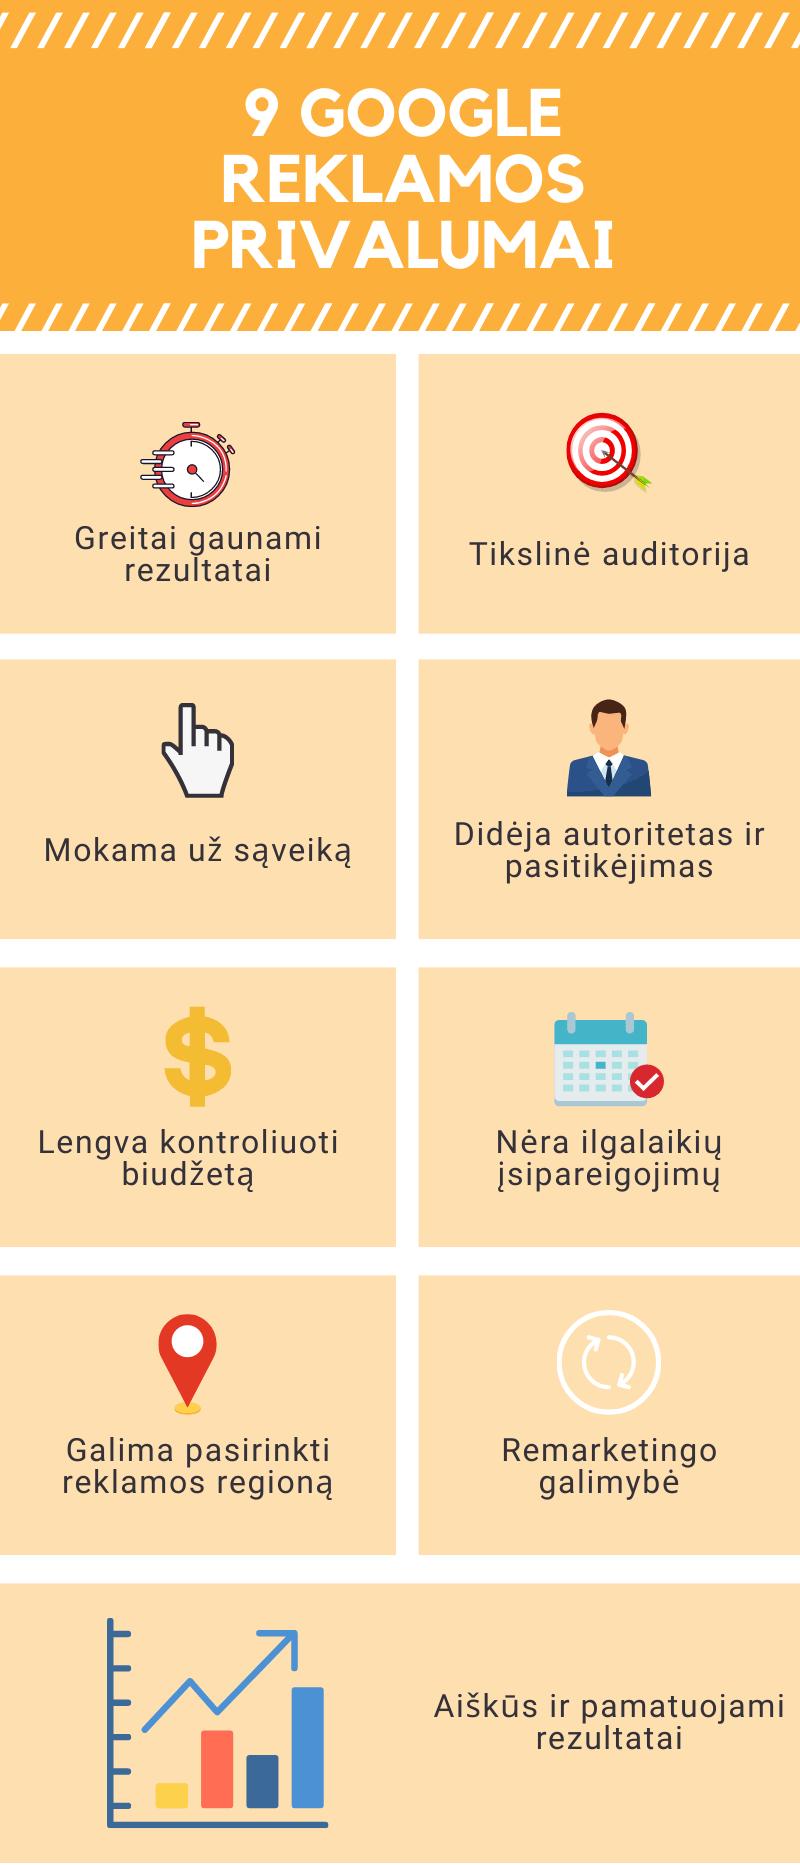 9 Google reklamos privalumai